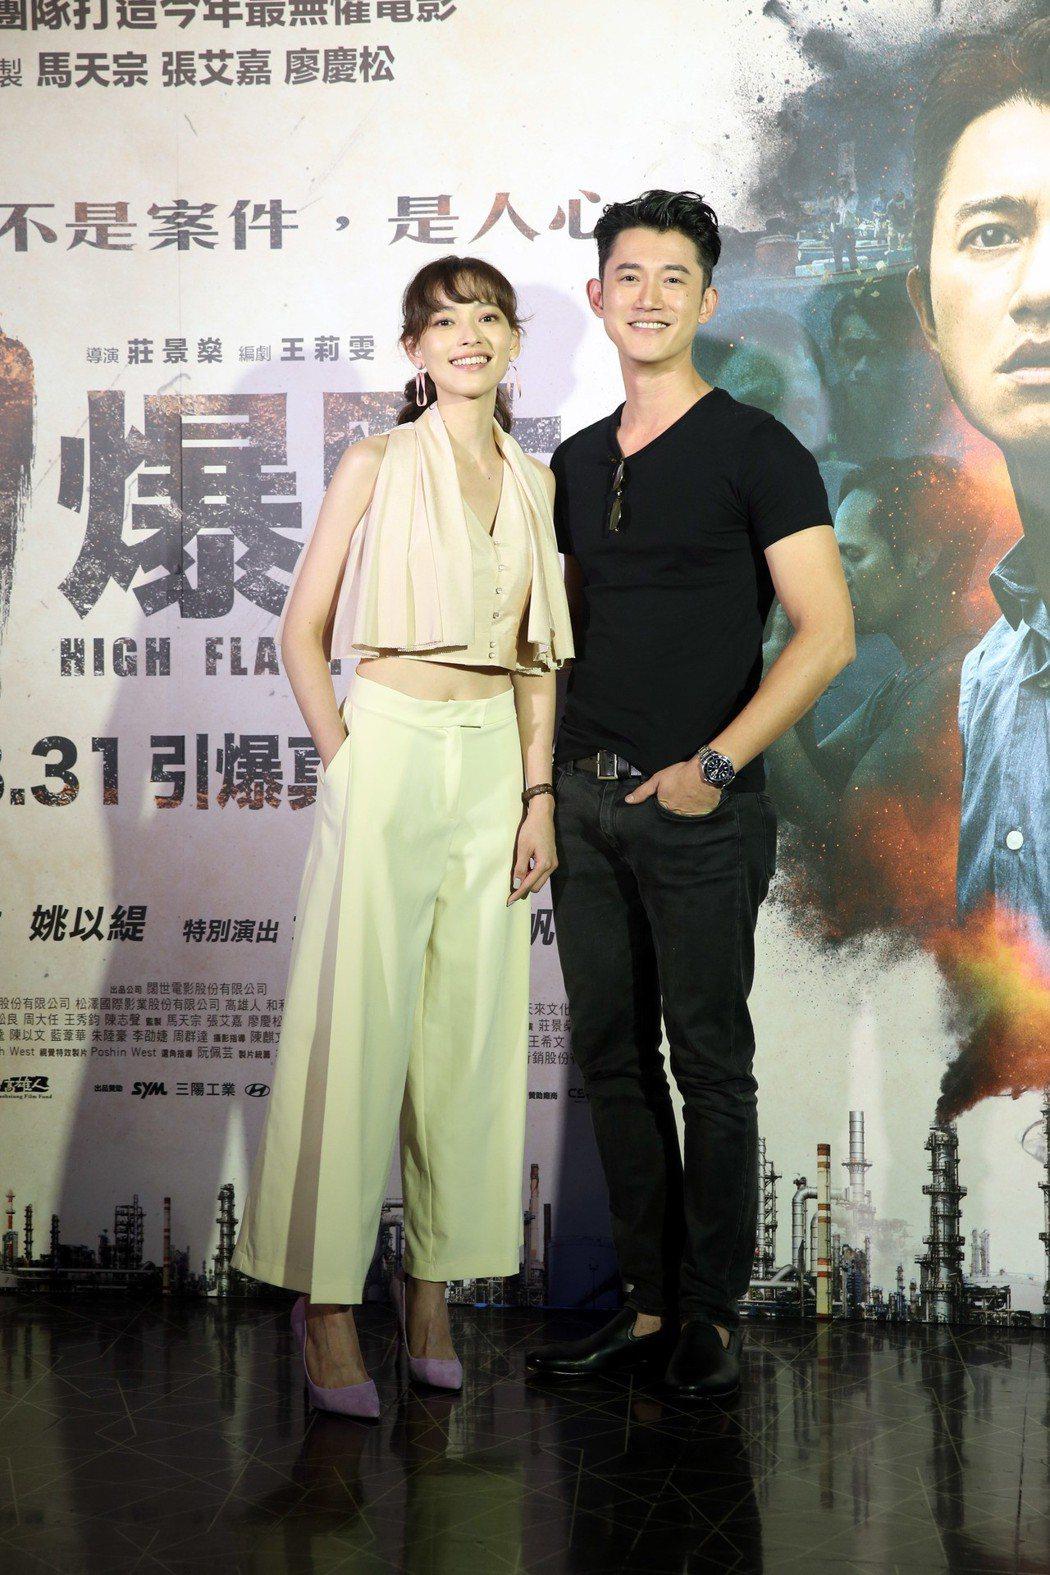 電影「引爆點」舉行試片會,男女主角吳慷仁(右起)、姚以緹出席。記者邱德祥/攝影